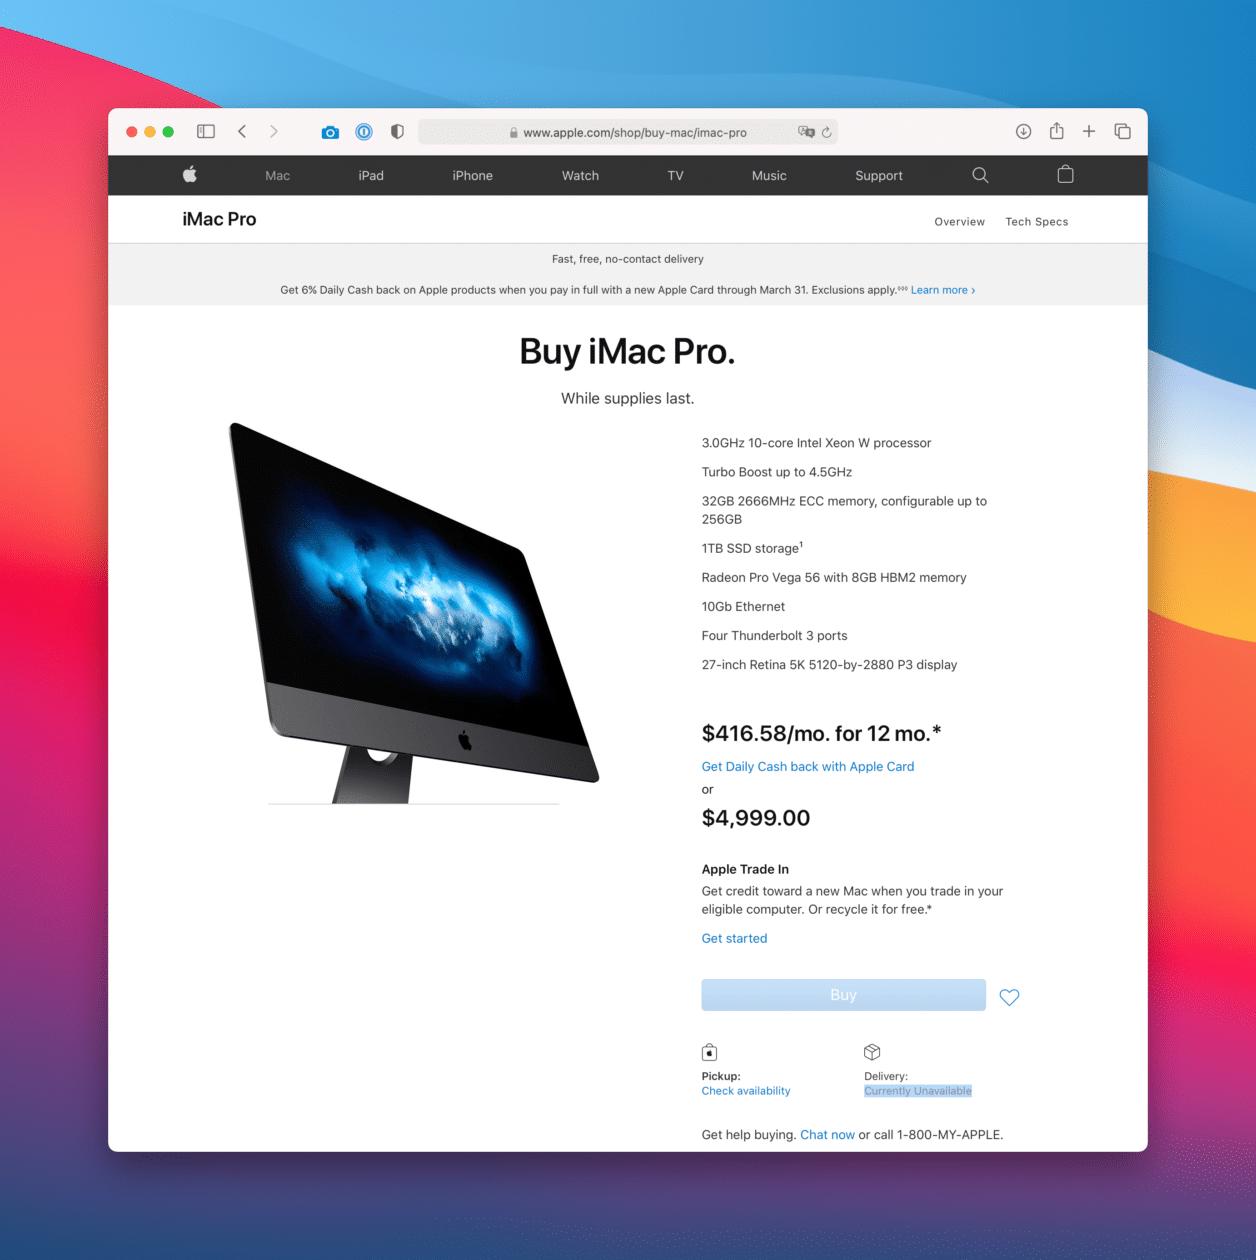 iMac Pro indisponível para compra nos EUA